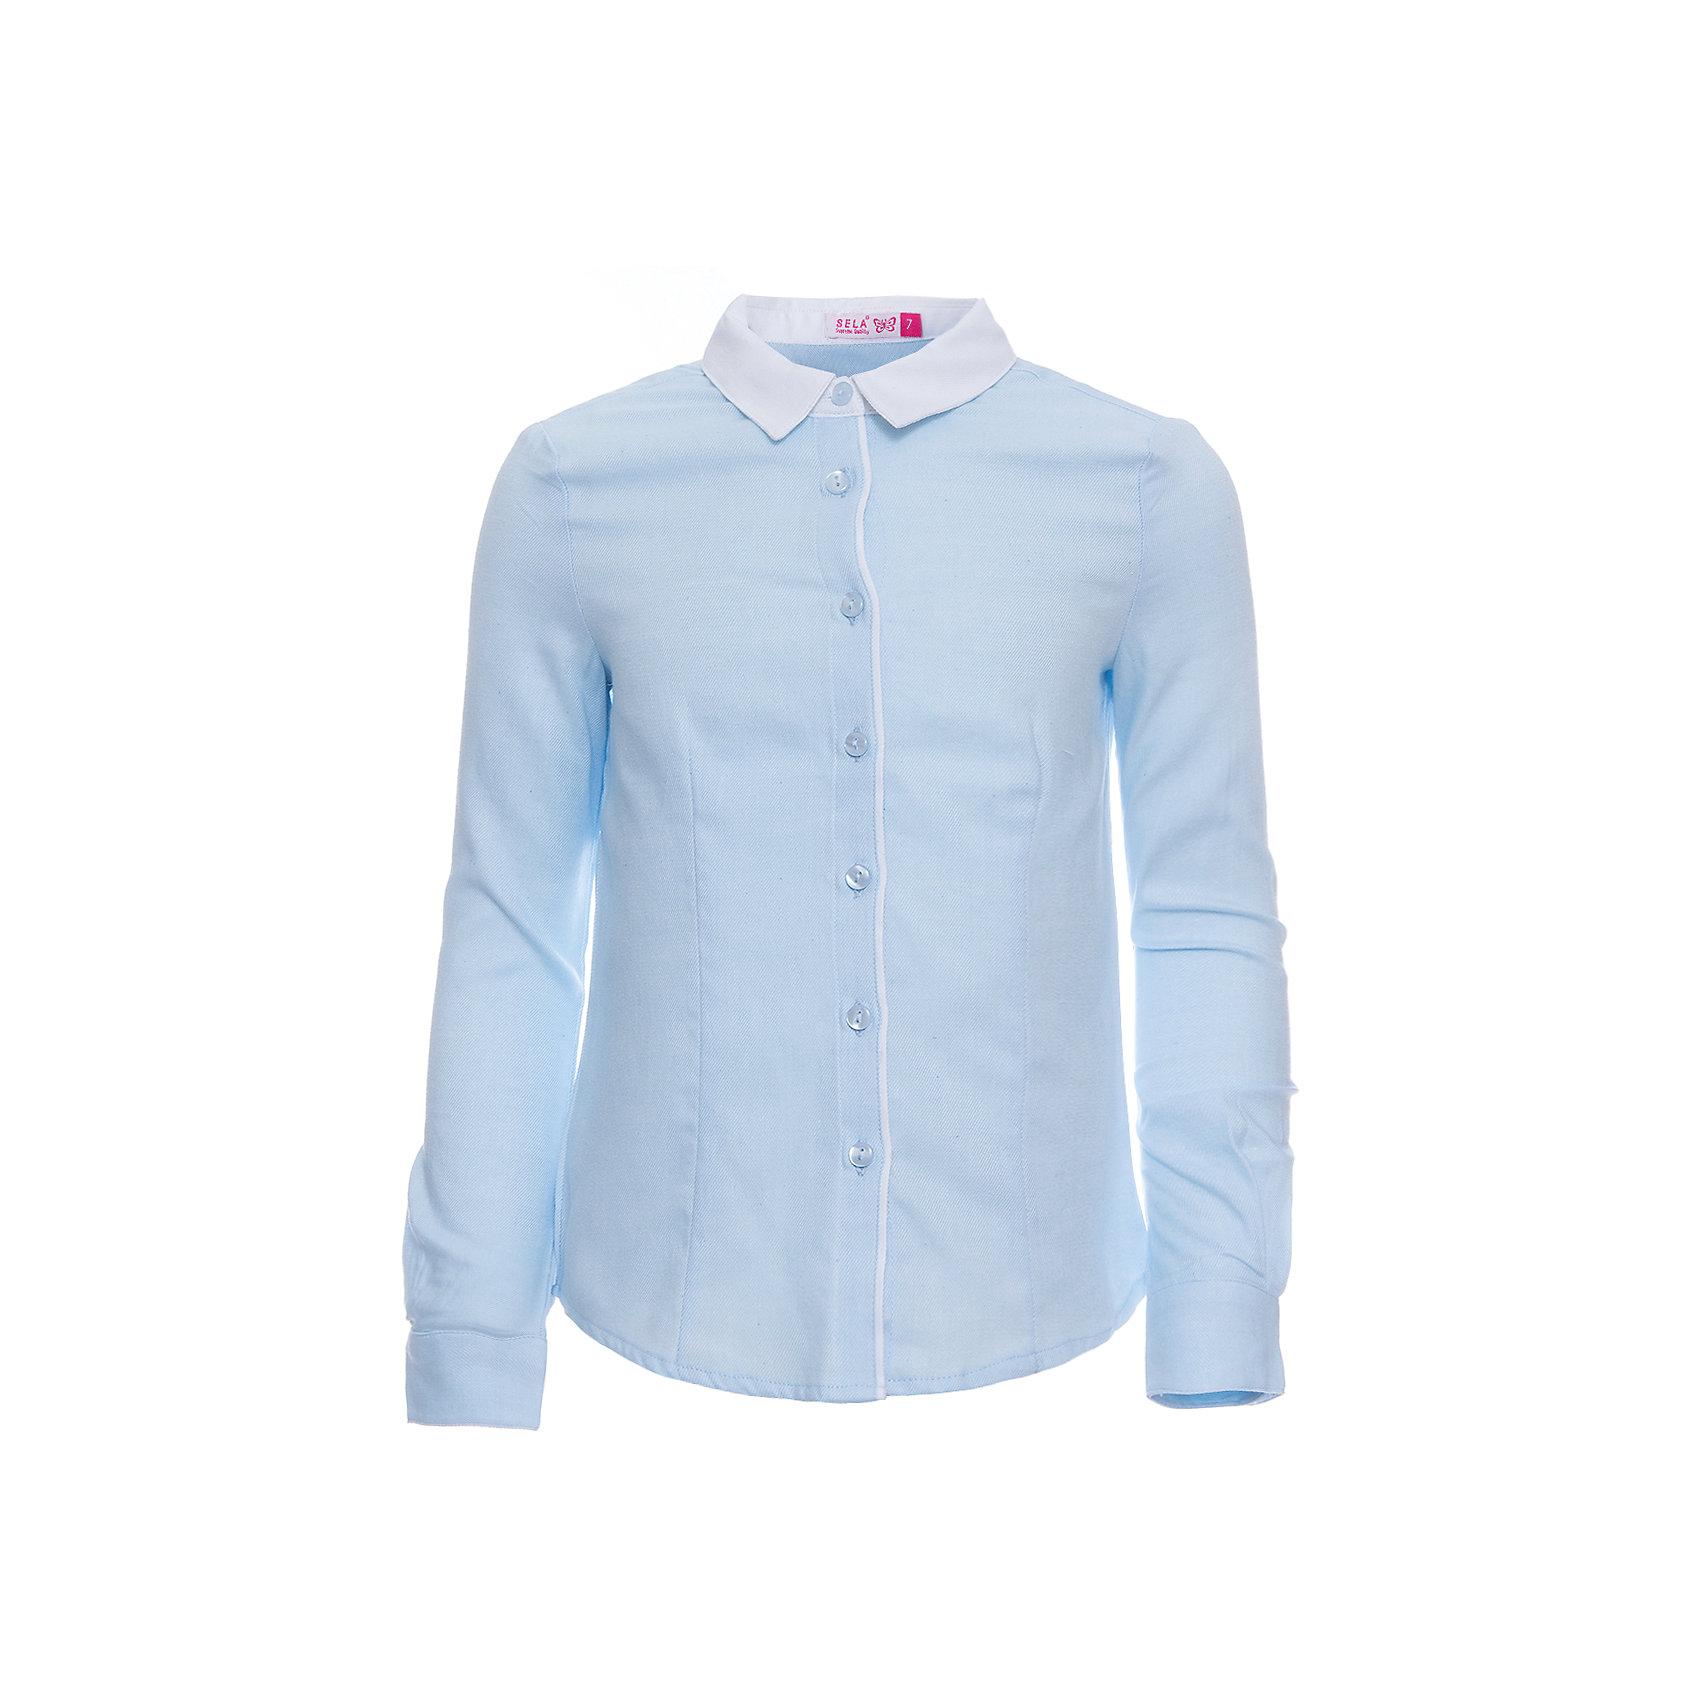 Блузка SELA для девочкиБлузки и рубашки<br>Характеристики товара:<br><br>• цвет: голубой;<br>• состав: 100% хлопок;<br>• сезон: демисезон;<br>• особенности: школьная;<br>• застежка: пуговицы<br>• манжеты на пуговице<br>• свободный крой;<br>• рукав: длинный;<br>• страна бренда: Россия;<br>• страна изготовитель: Китай.<br><br>Школьная блузка с длинным рукавом для девочки. Голубая блузка свободного кроя. Изготовлена из 100% хлопка. Застегивается на пуговицы. Манжеты блузки застегиваются на одну пуговицу.<br><br>Блузку Sela (Села) для девочки можно купить в нашем интернет-магазине.<br><br>Ширина мм: 186<br>Глубина мм: 87<br>Высота мм: 198<br>Вес г: 197<br>Цвет: лиловый<br>Возраст от месяцев: 156<br>Возраст до месяцев: 168<br>Пол: Женский<br>Возраст: Детский<br>Размер: 164,122,128,134,140,146,152<br>SKU: 7009447